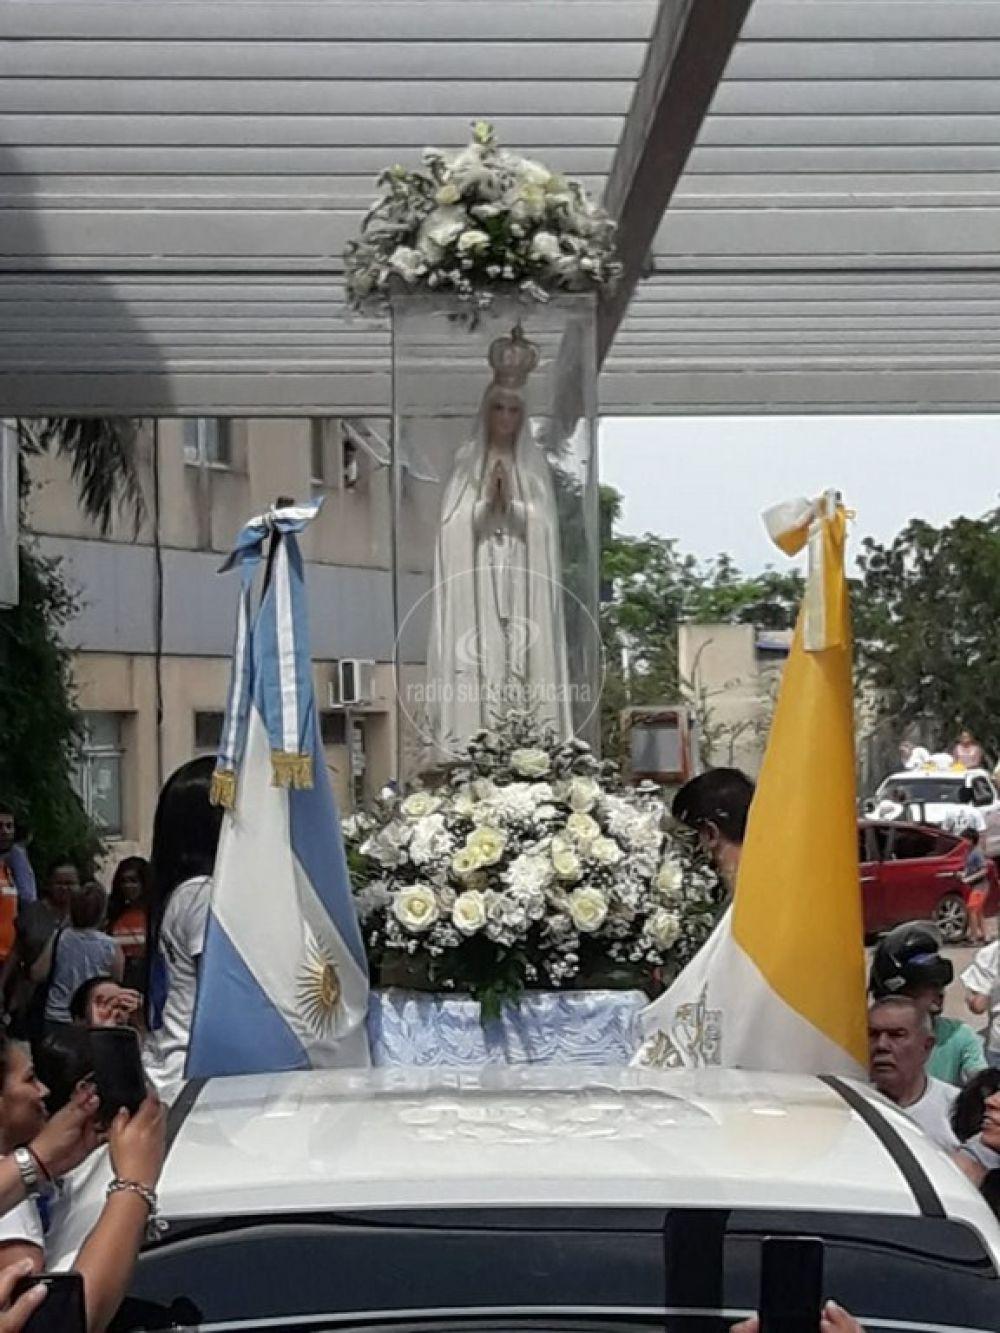 foto: La llegada de la Virgen Peregrina de Fátima a Corrientes en imágenes